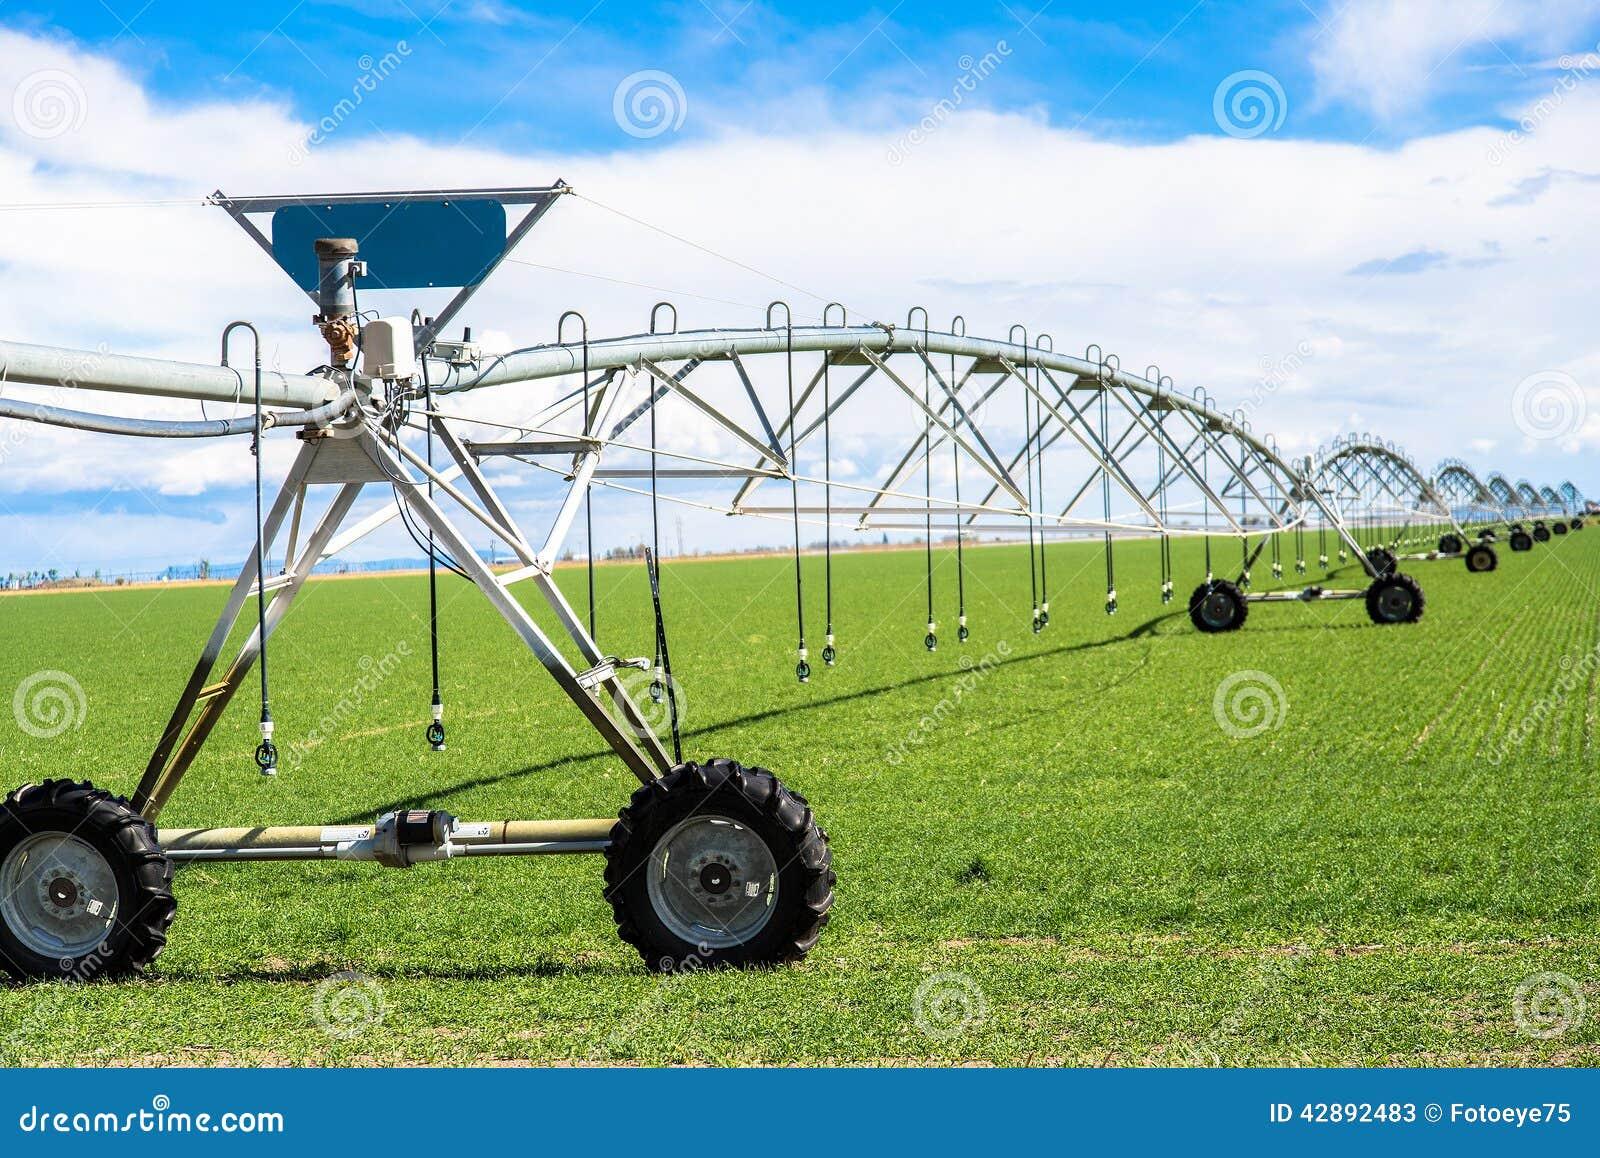 Irrigatori per campi agricoli dispositivo arresto motori for Sistemi di irrigazione giardino